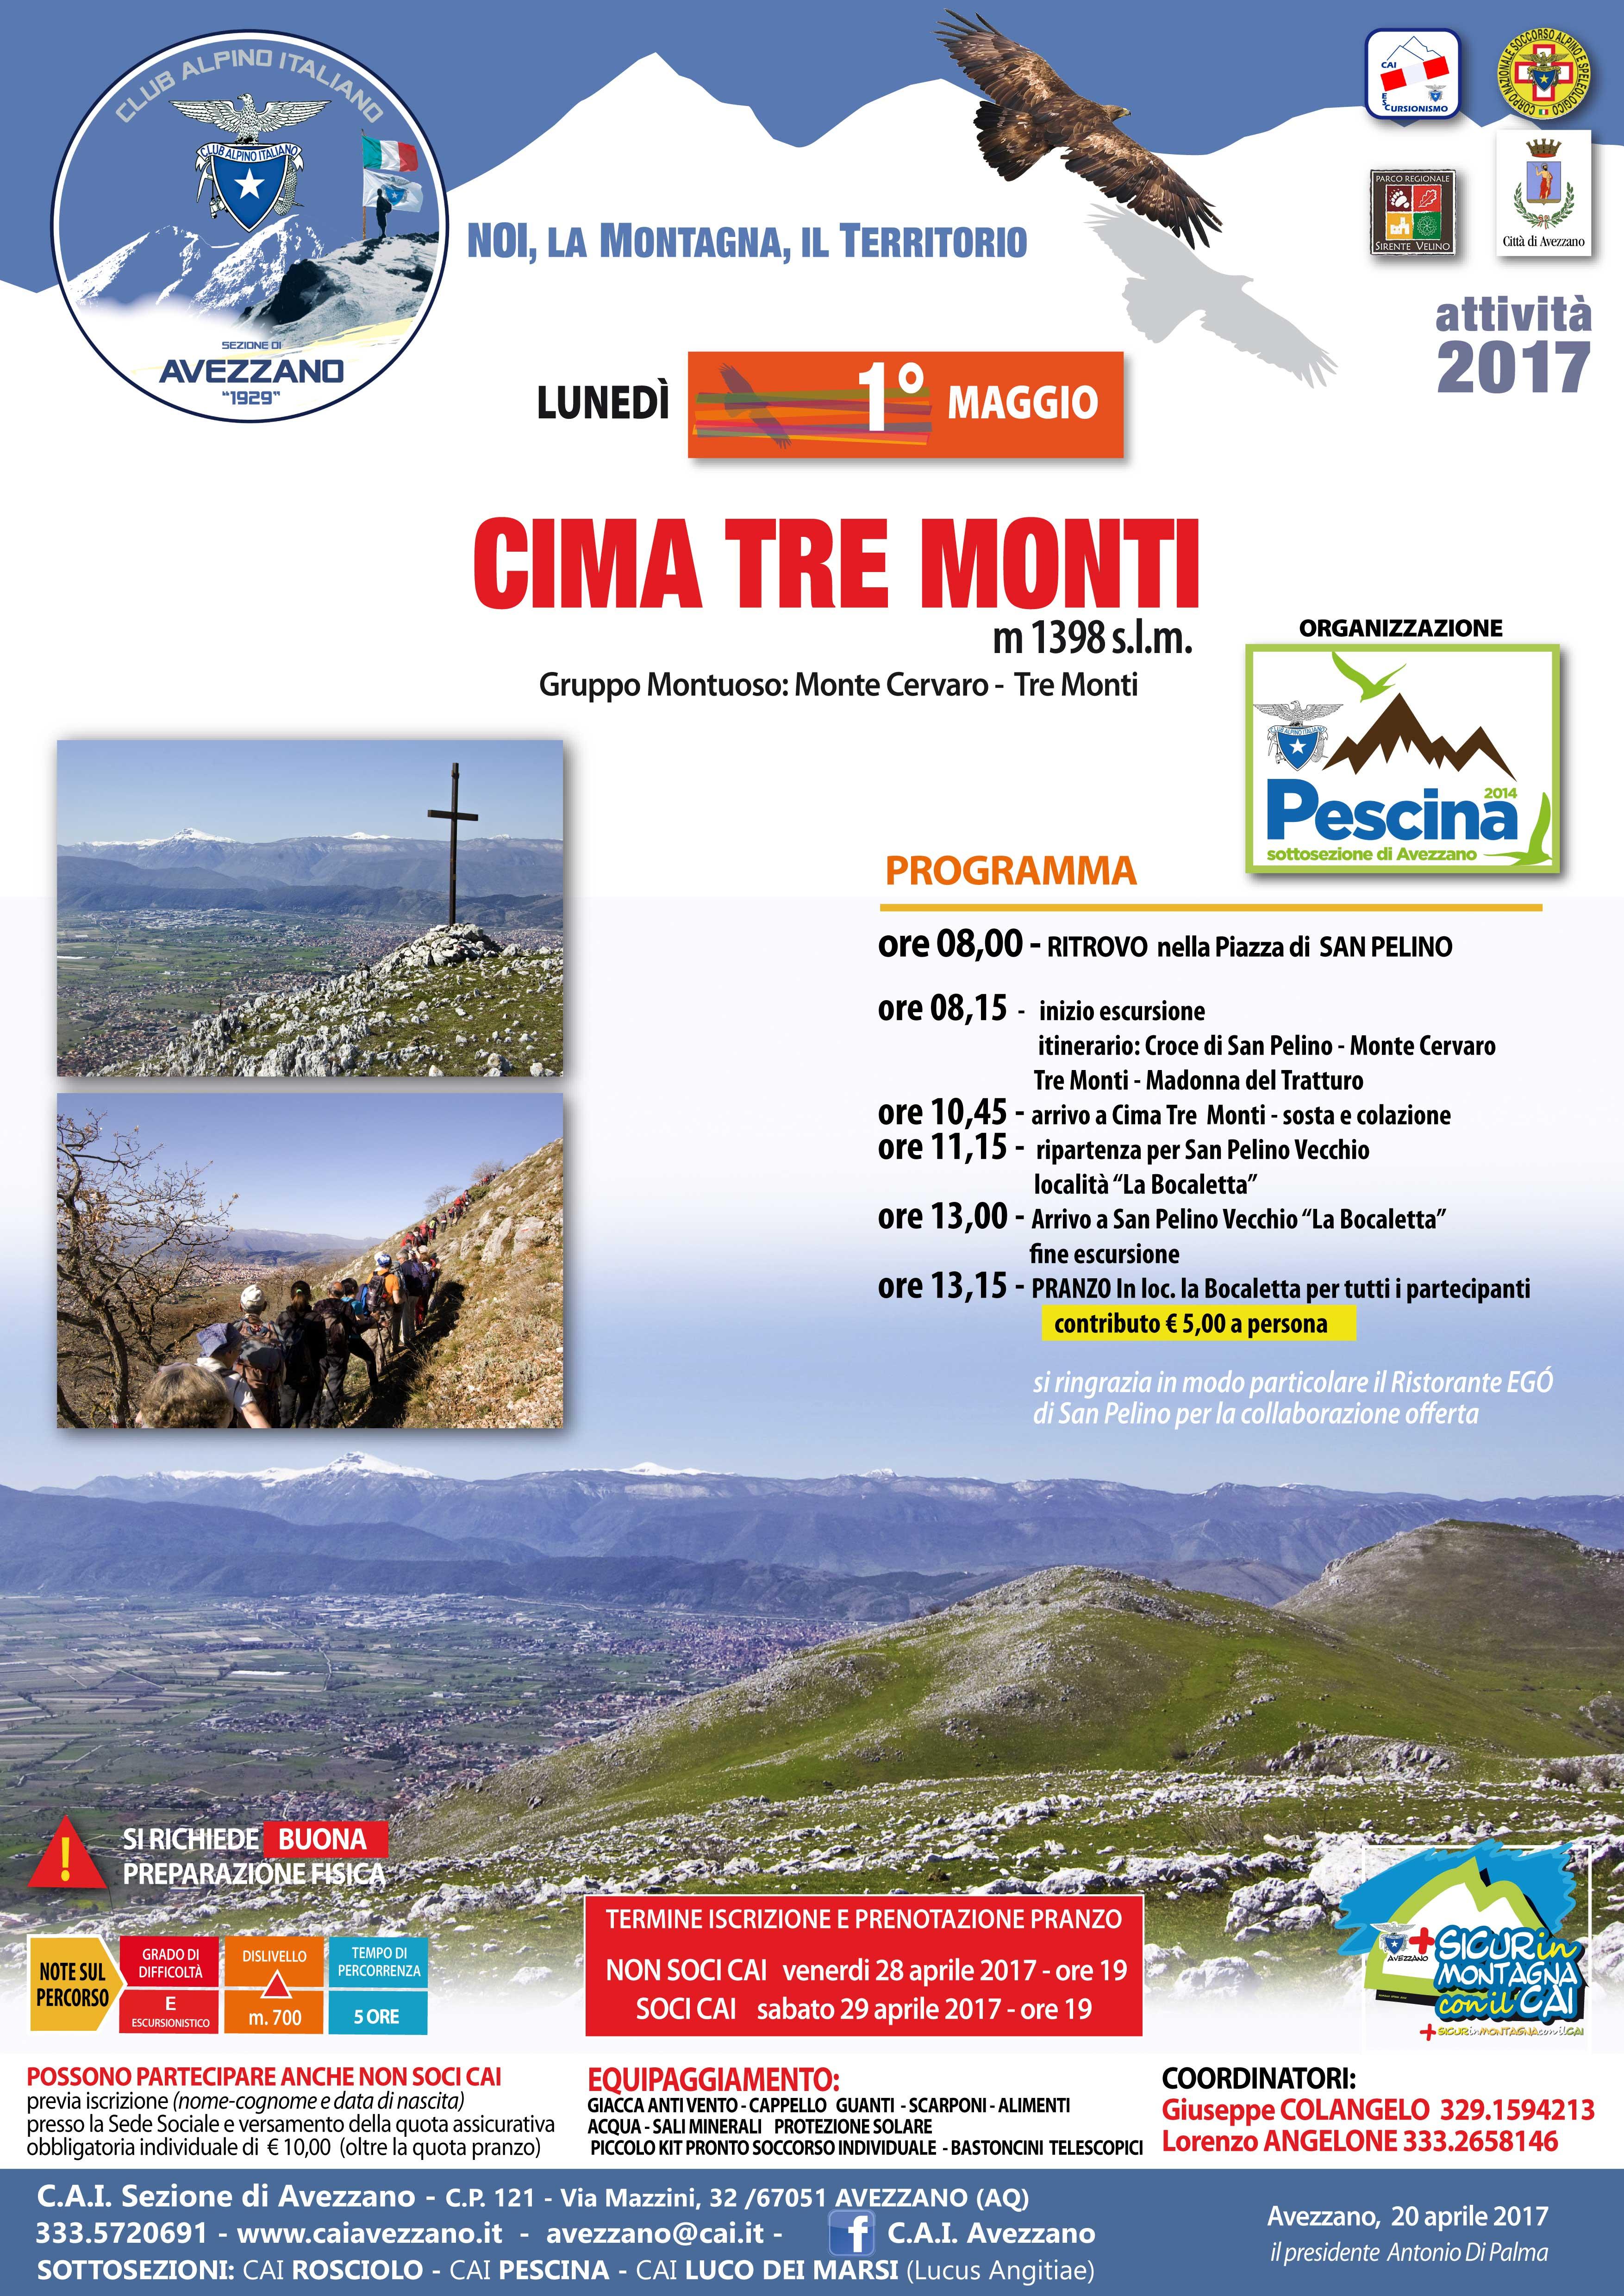 CIMA-TRE-MONTI-1-MAGGIO-2017